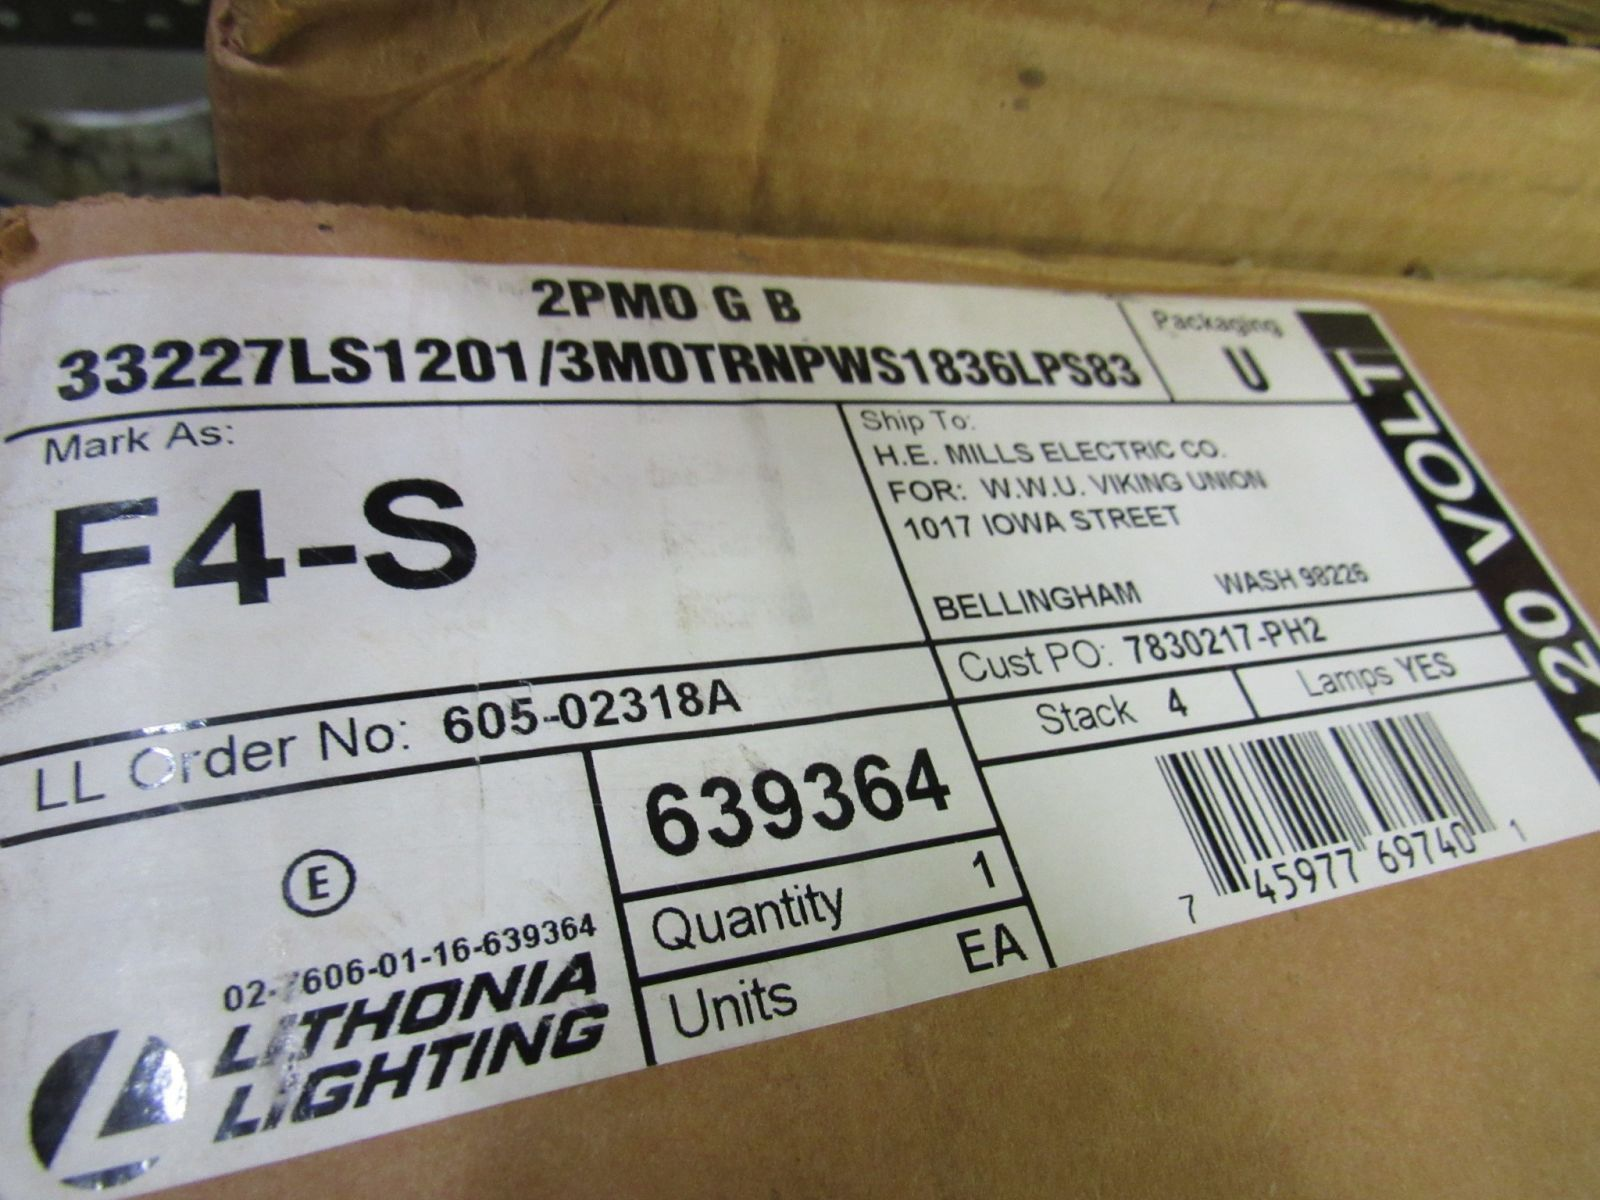 48in Fluorescent Recessed Light Fixture 2PMO G B 33227LS1201/3MOTRNPWS1836LPS83